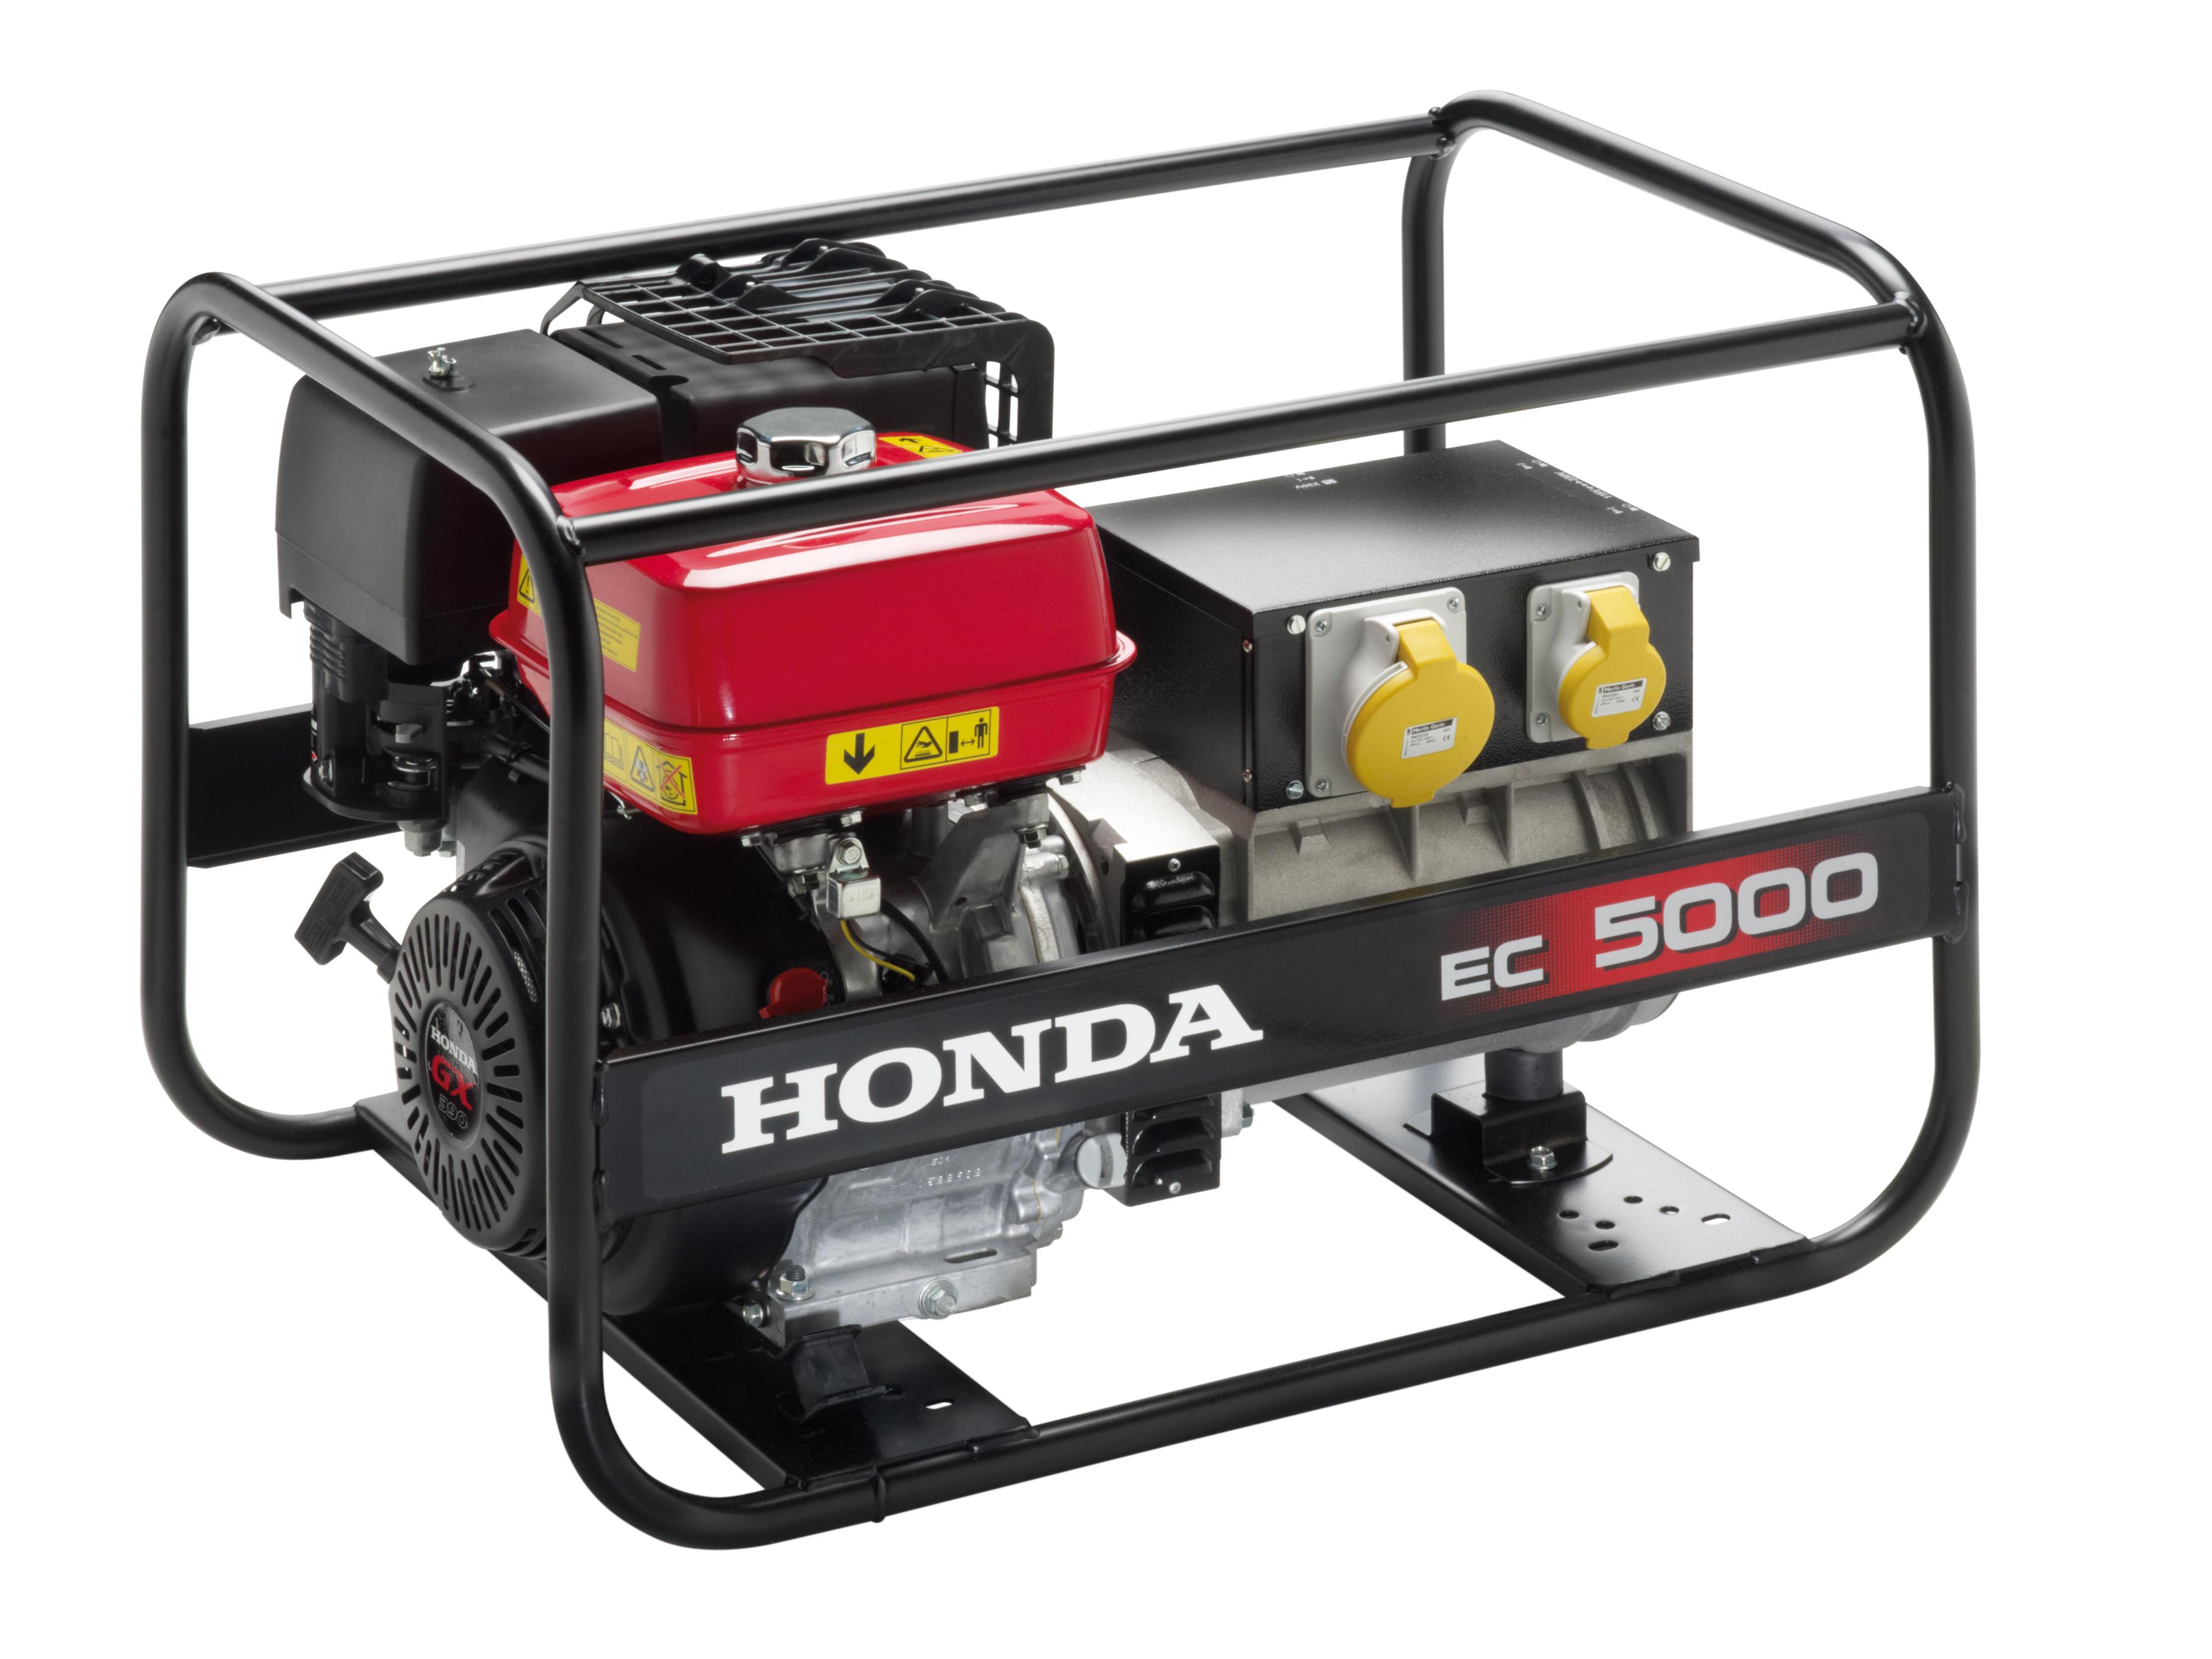 Honda EC5000-generaattori H0009